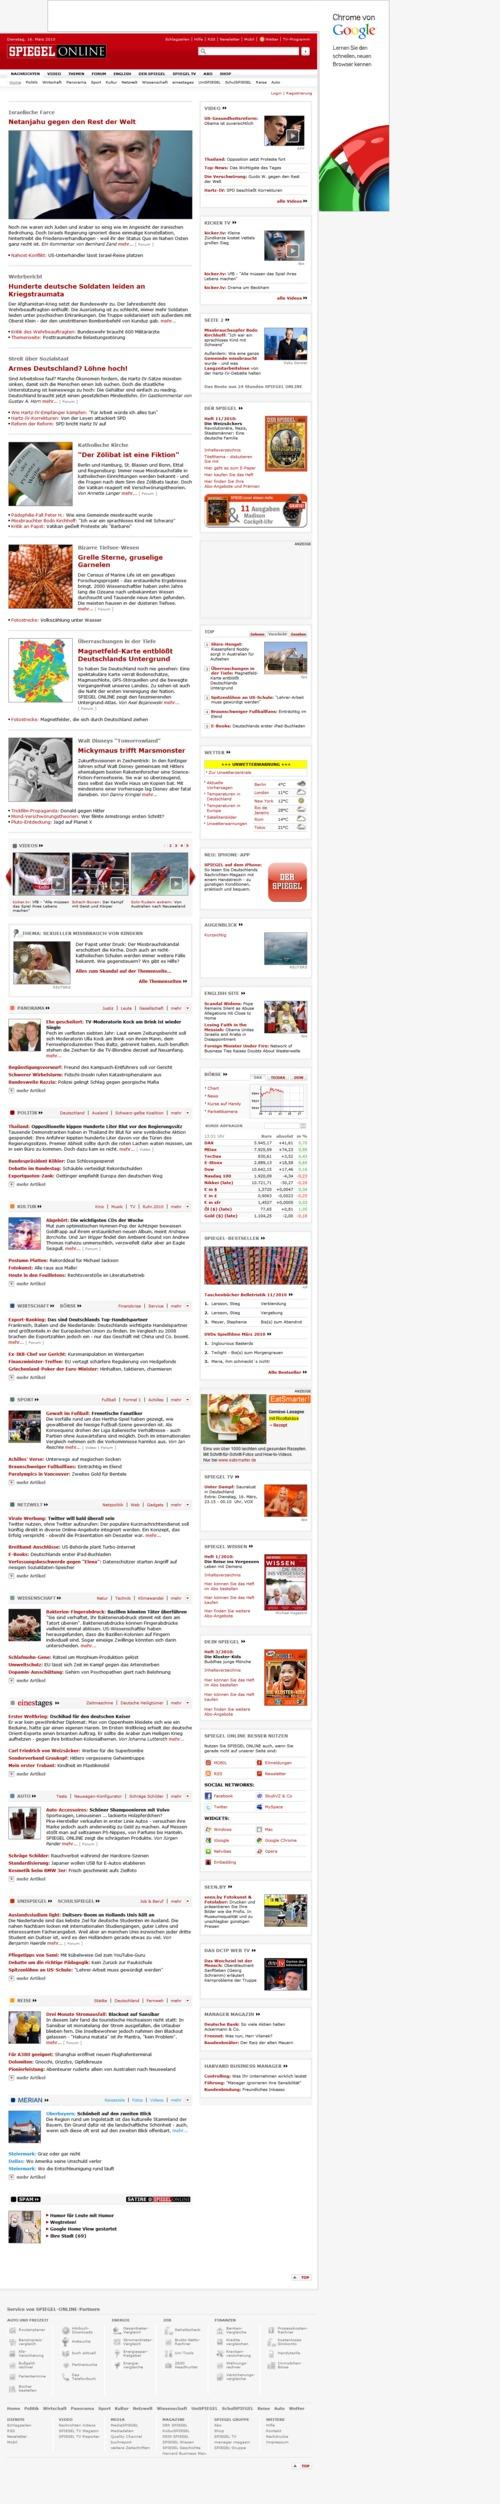 Spiegel_online_-_nachrichten_1